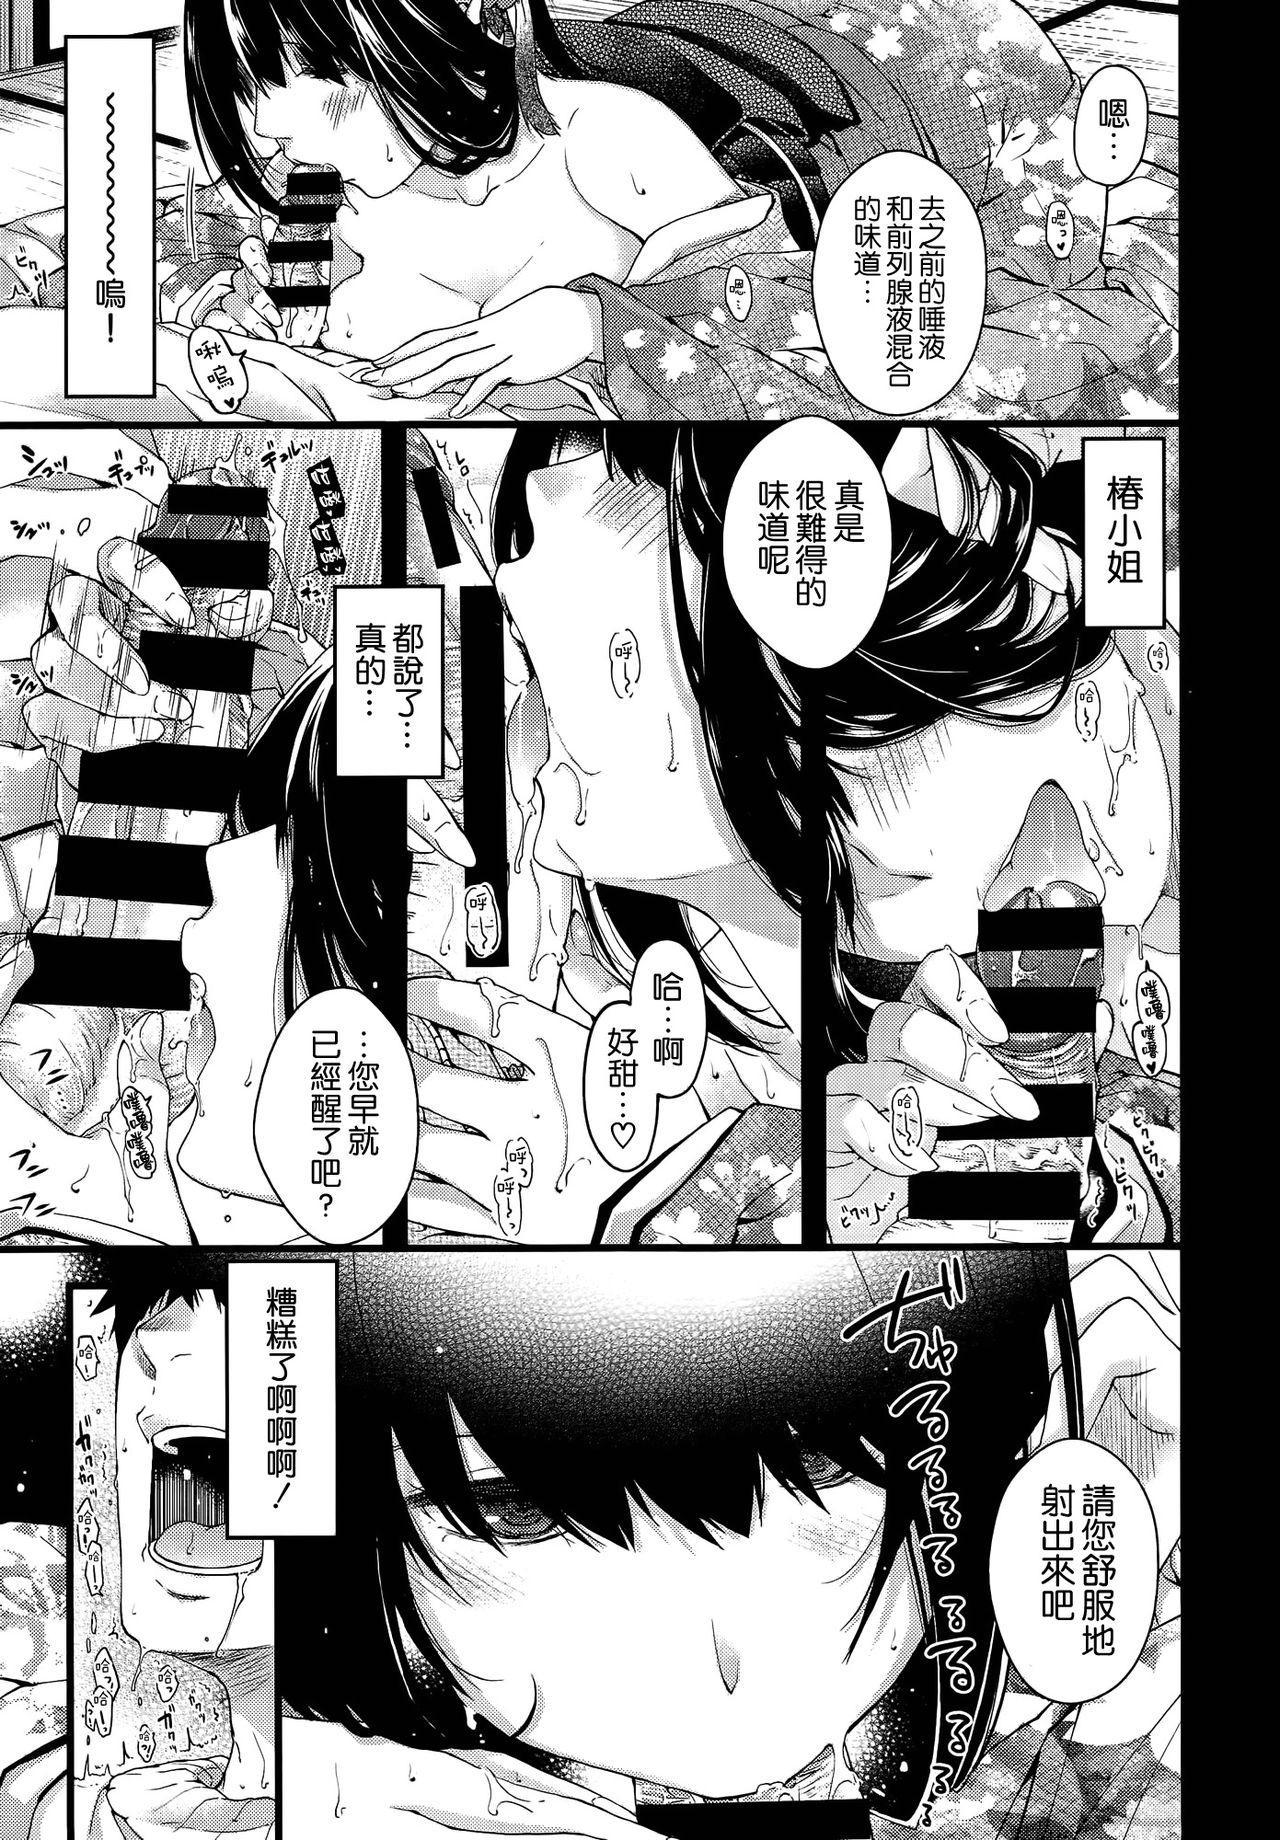 Youma to Tsuya no Houteishiki 10